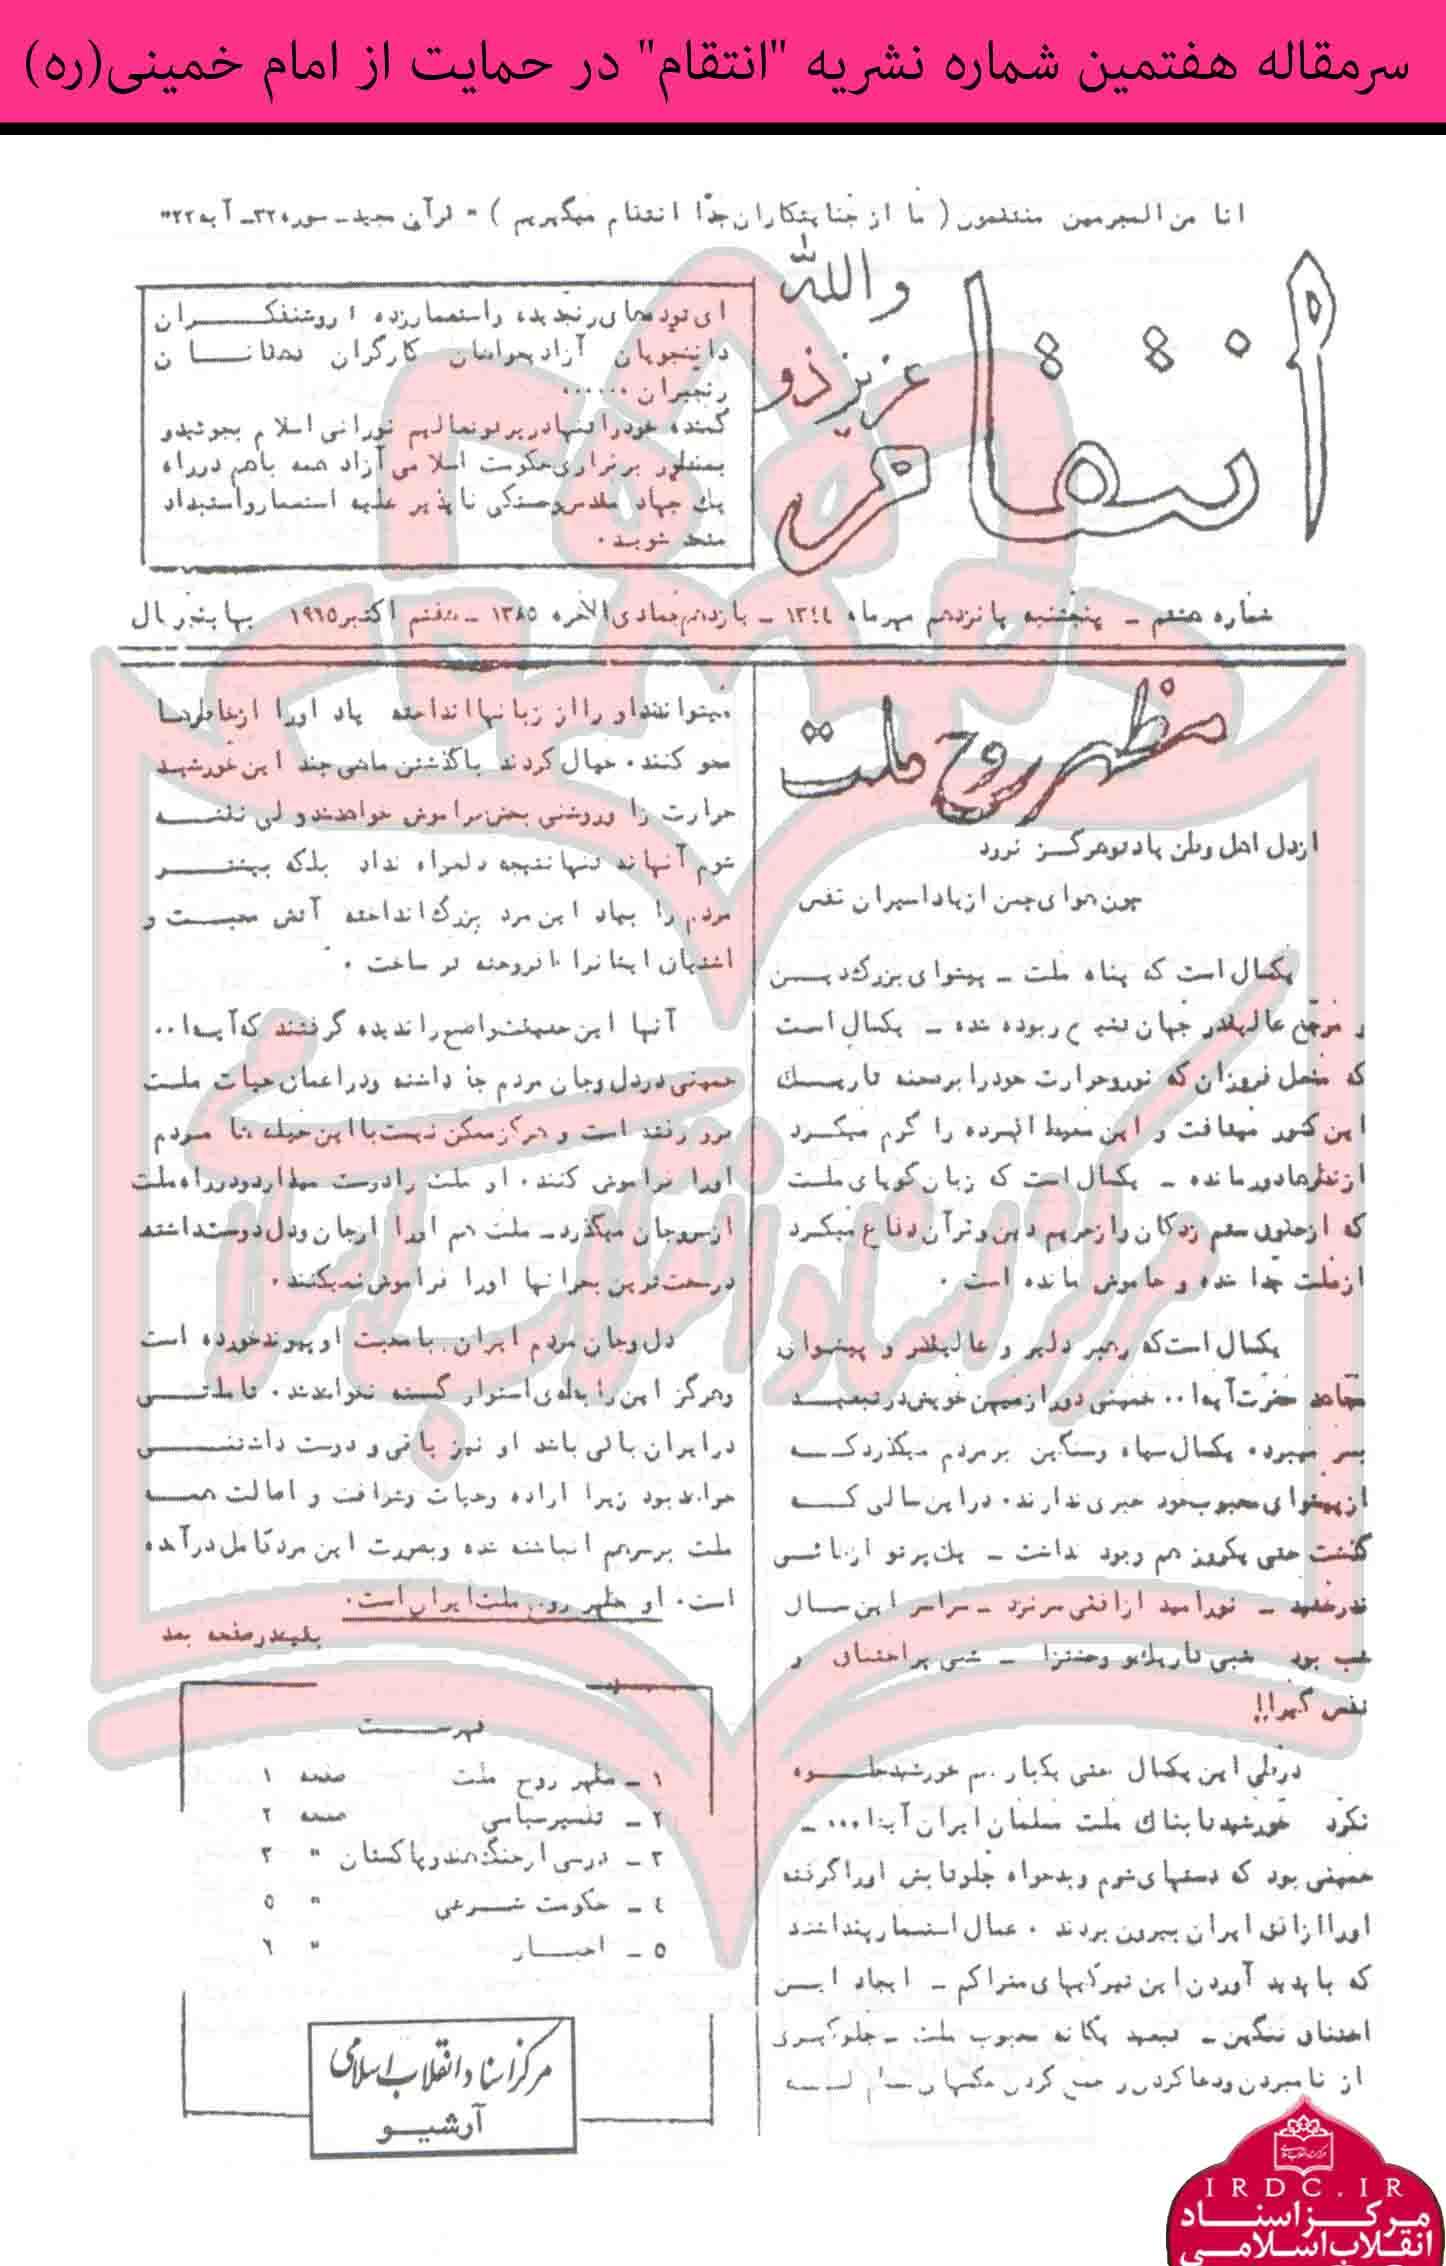 """سند شماره 2: سرمقاله هفتمین شماره نشریه """"انتقام"""" در حمایت از امام خمینی(ره) - 15 مهر 44"""